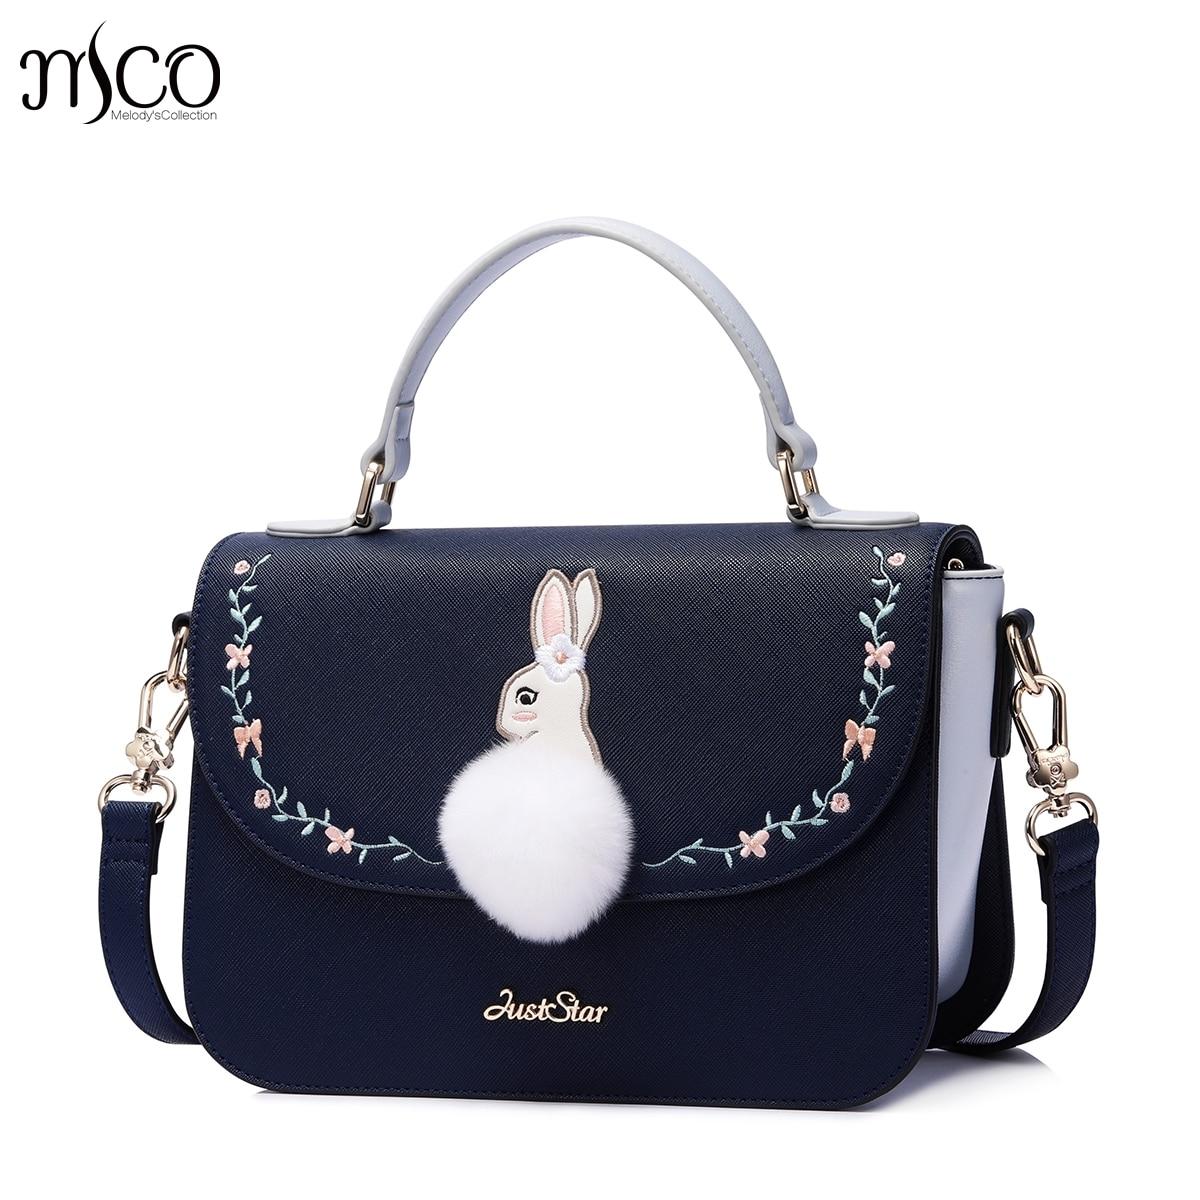 купить Brand PU Leather Bunny Purse Crossbody Shoulder Women Bag Clutch Female Handbags Sac a Main Femme De Marque по цене 3021.13 рублей